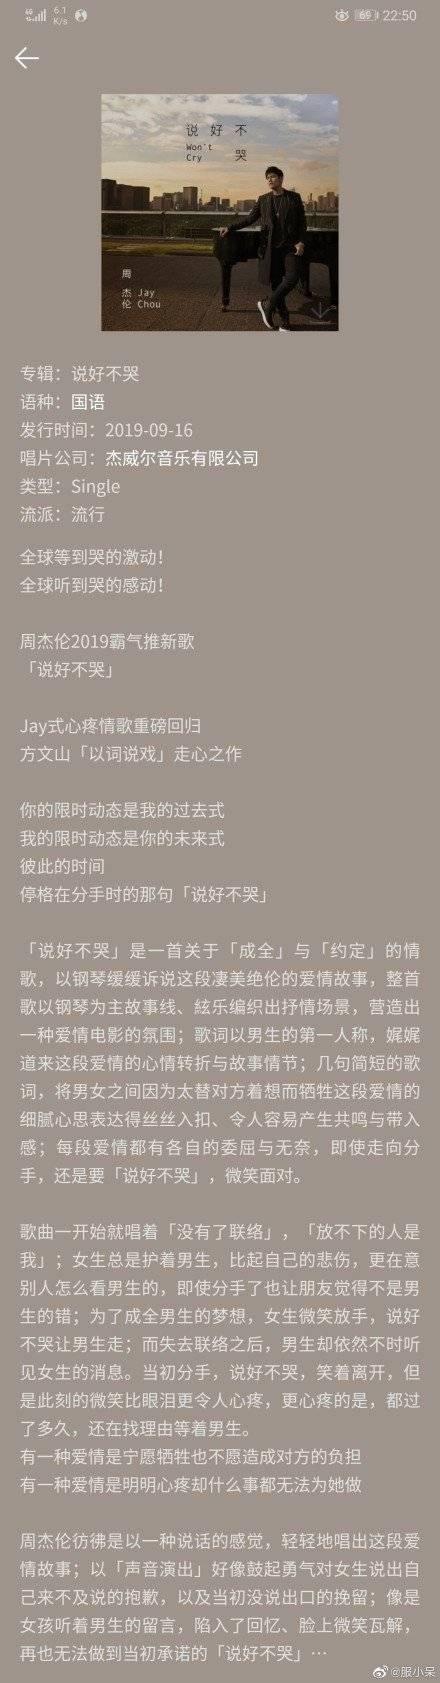 周杰伦新歌《说好不哭》MV官方版 上线 音乐软件被挤崩溃